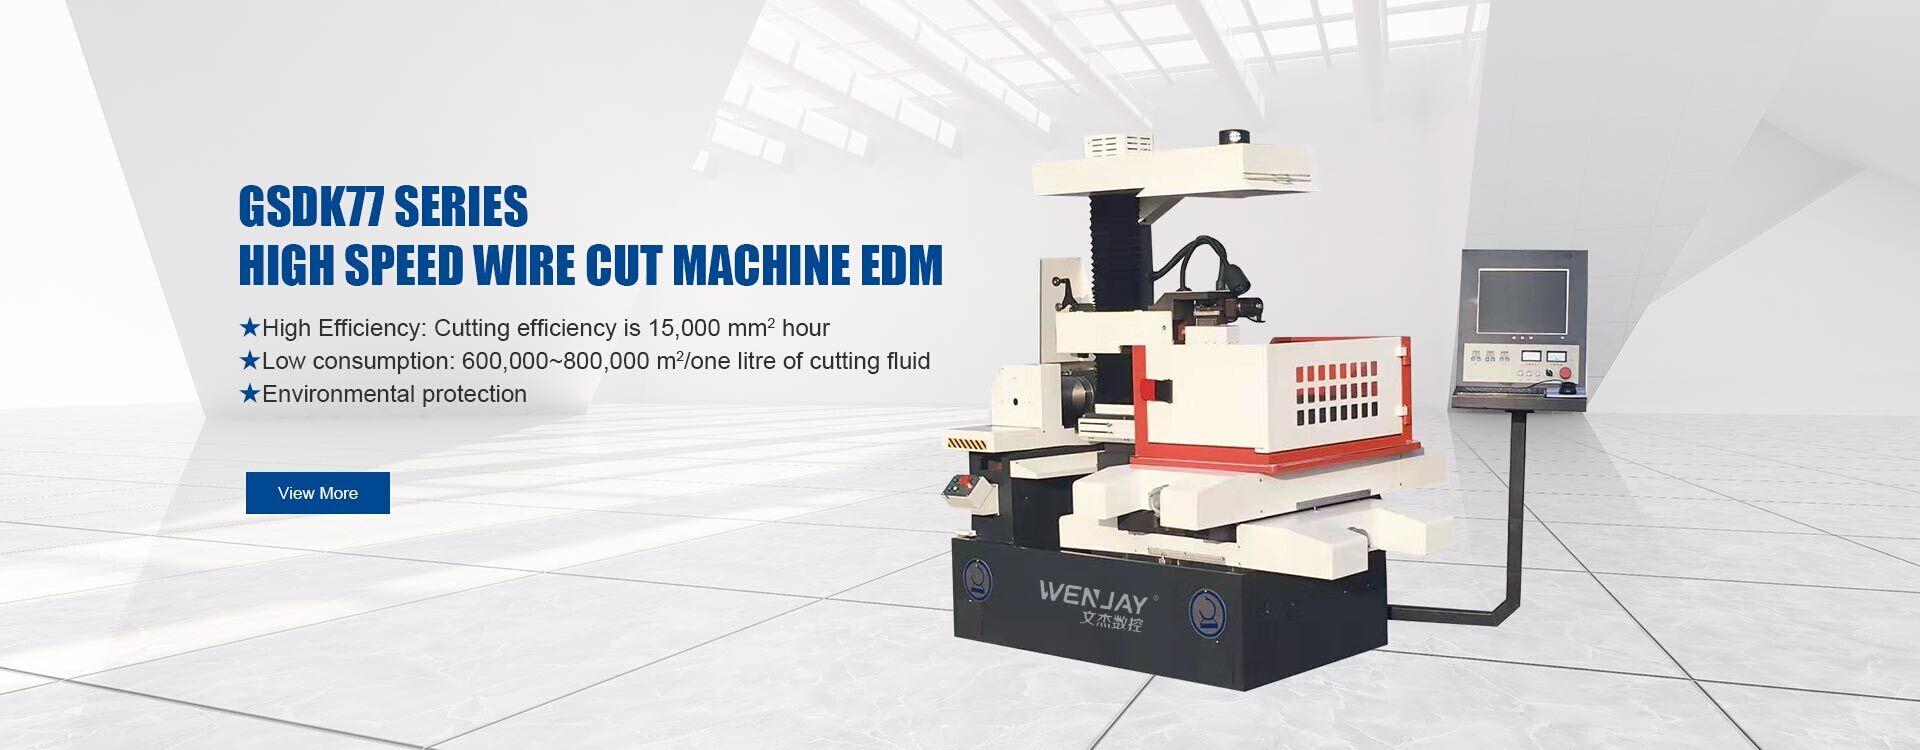 High Speed Wire Cut Machine Edm